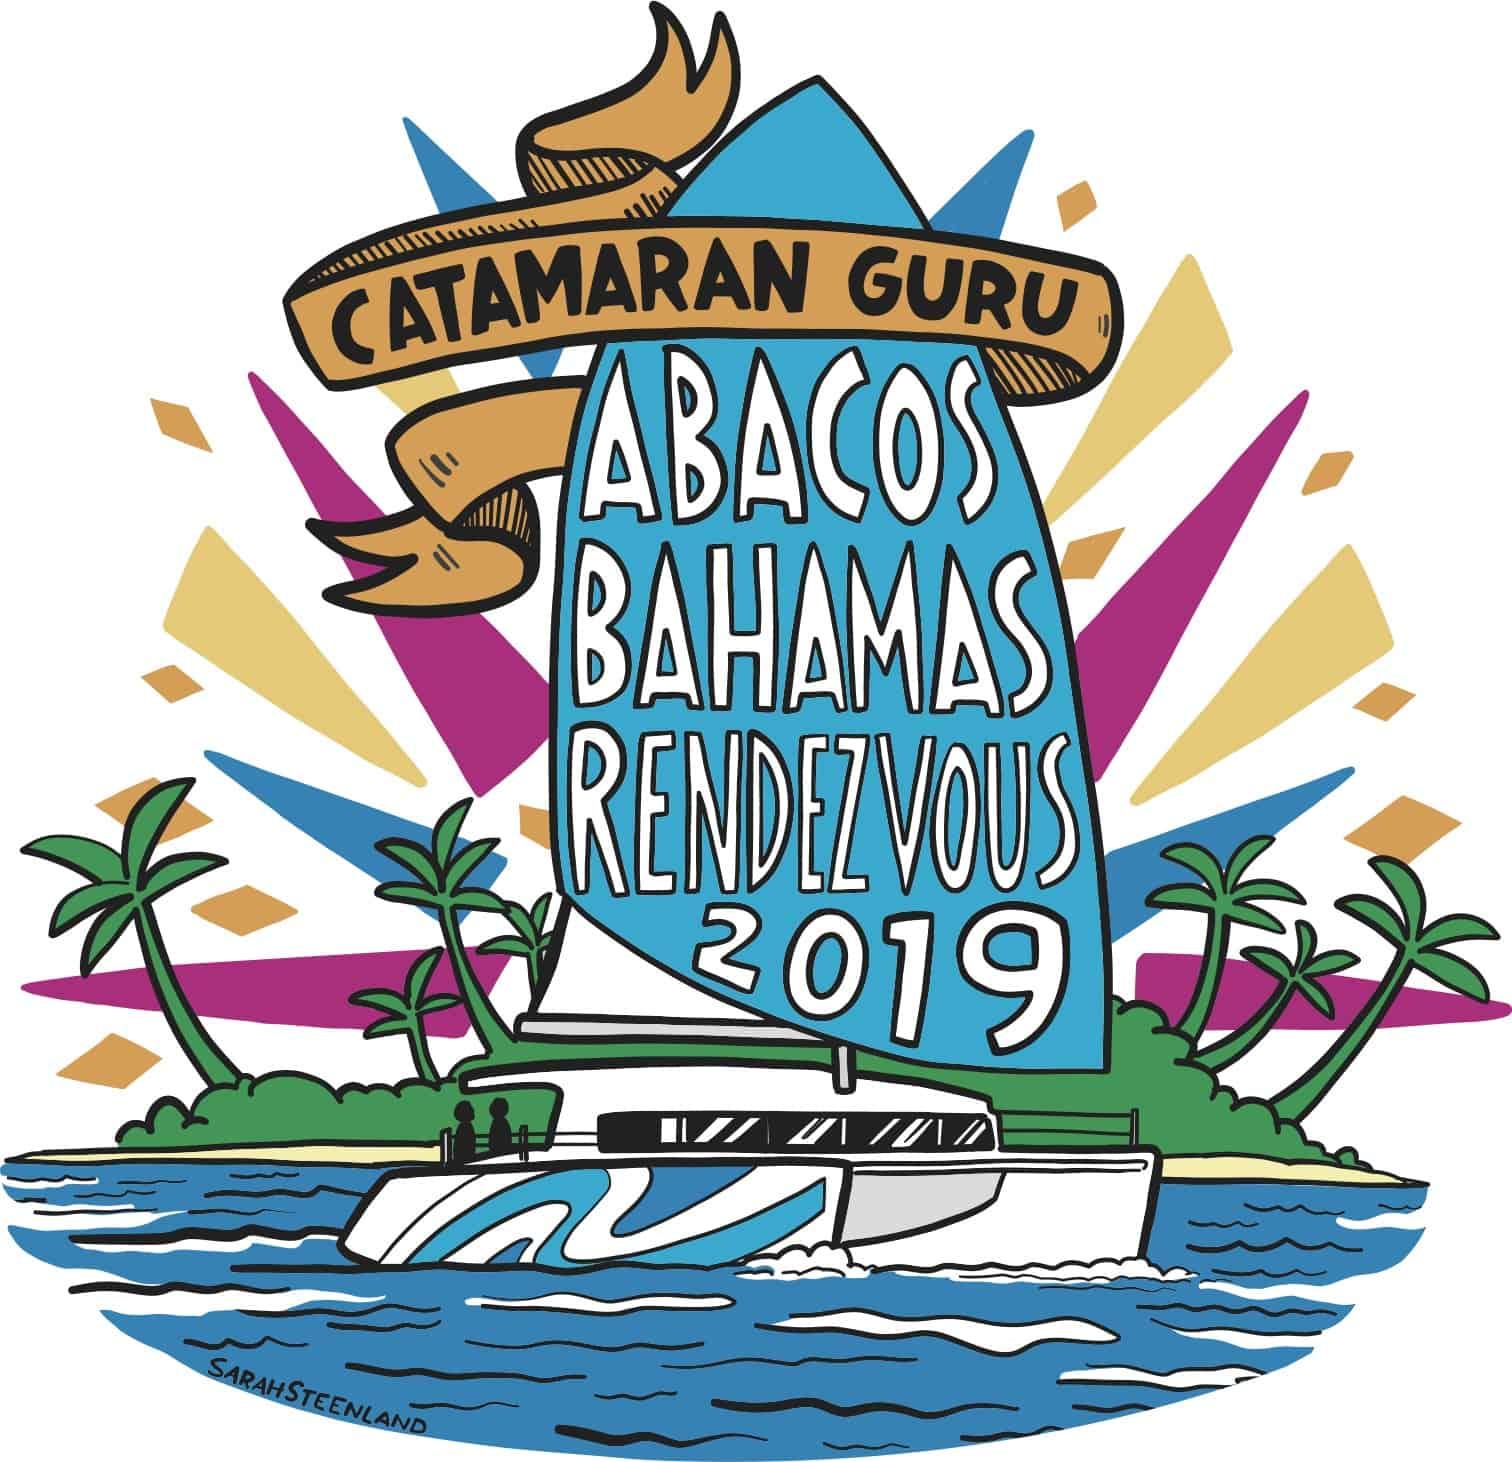 logo for Catamaran Guru Rendezvous in the Abacos 2019